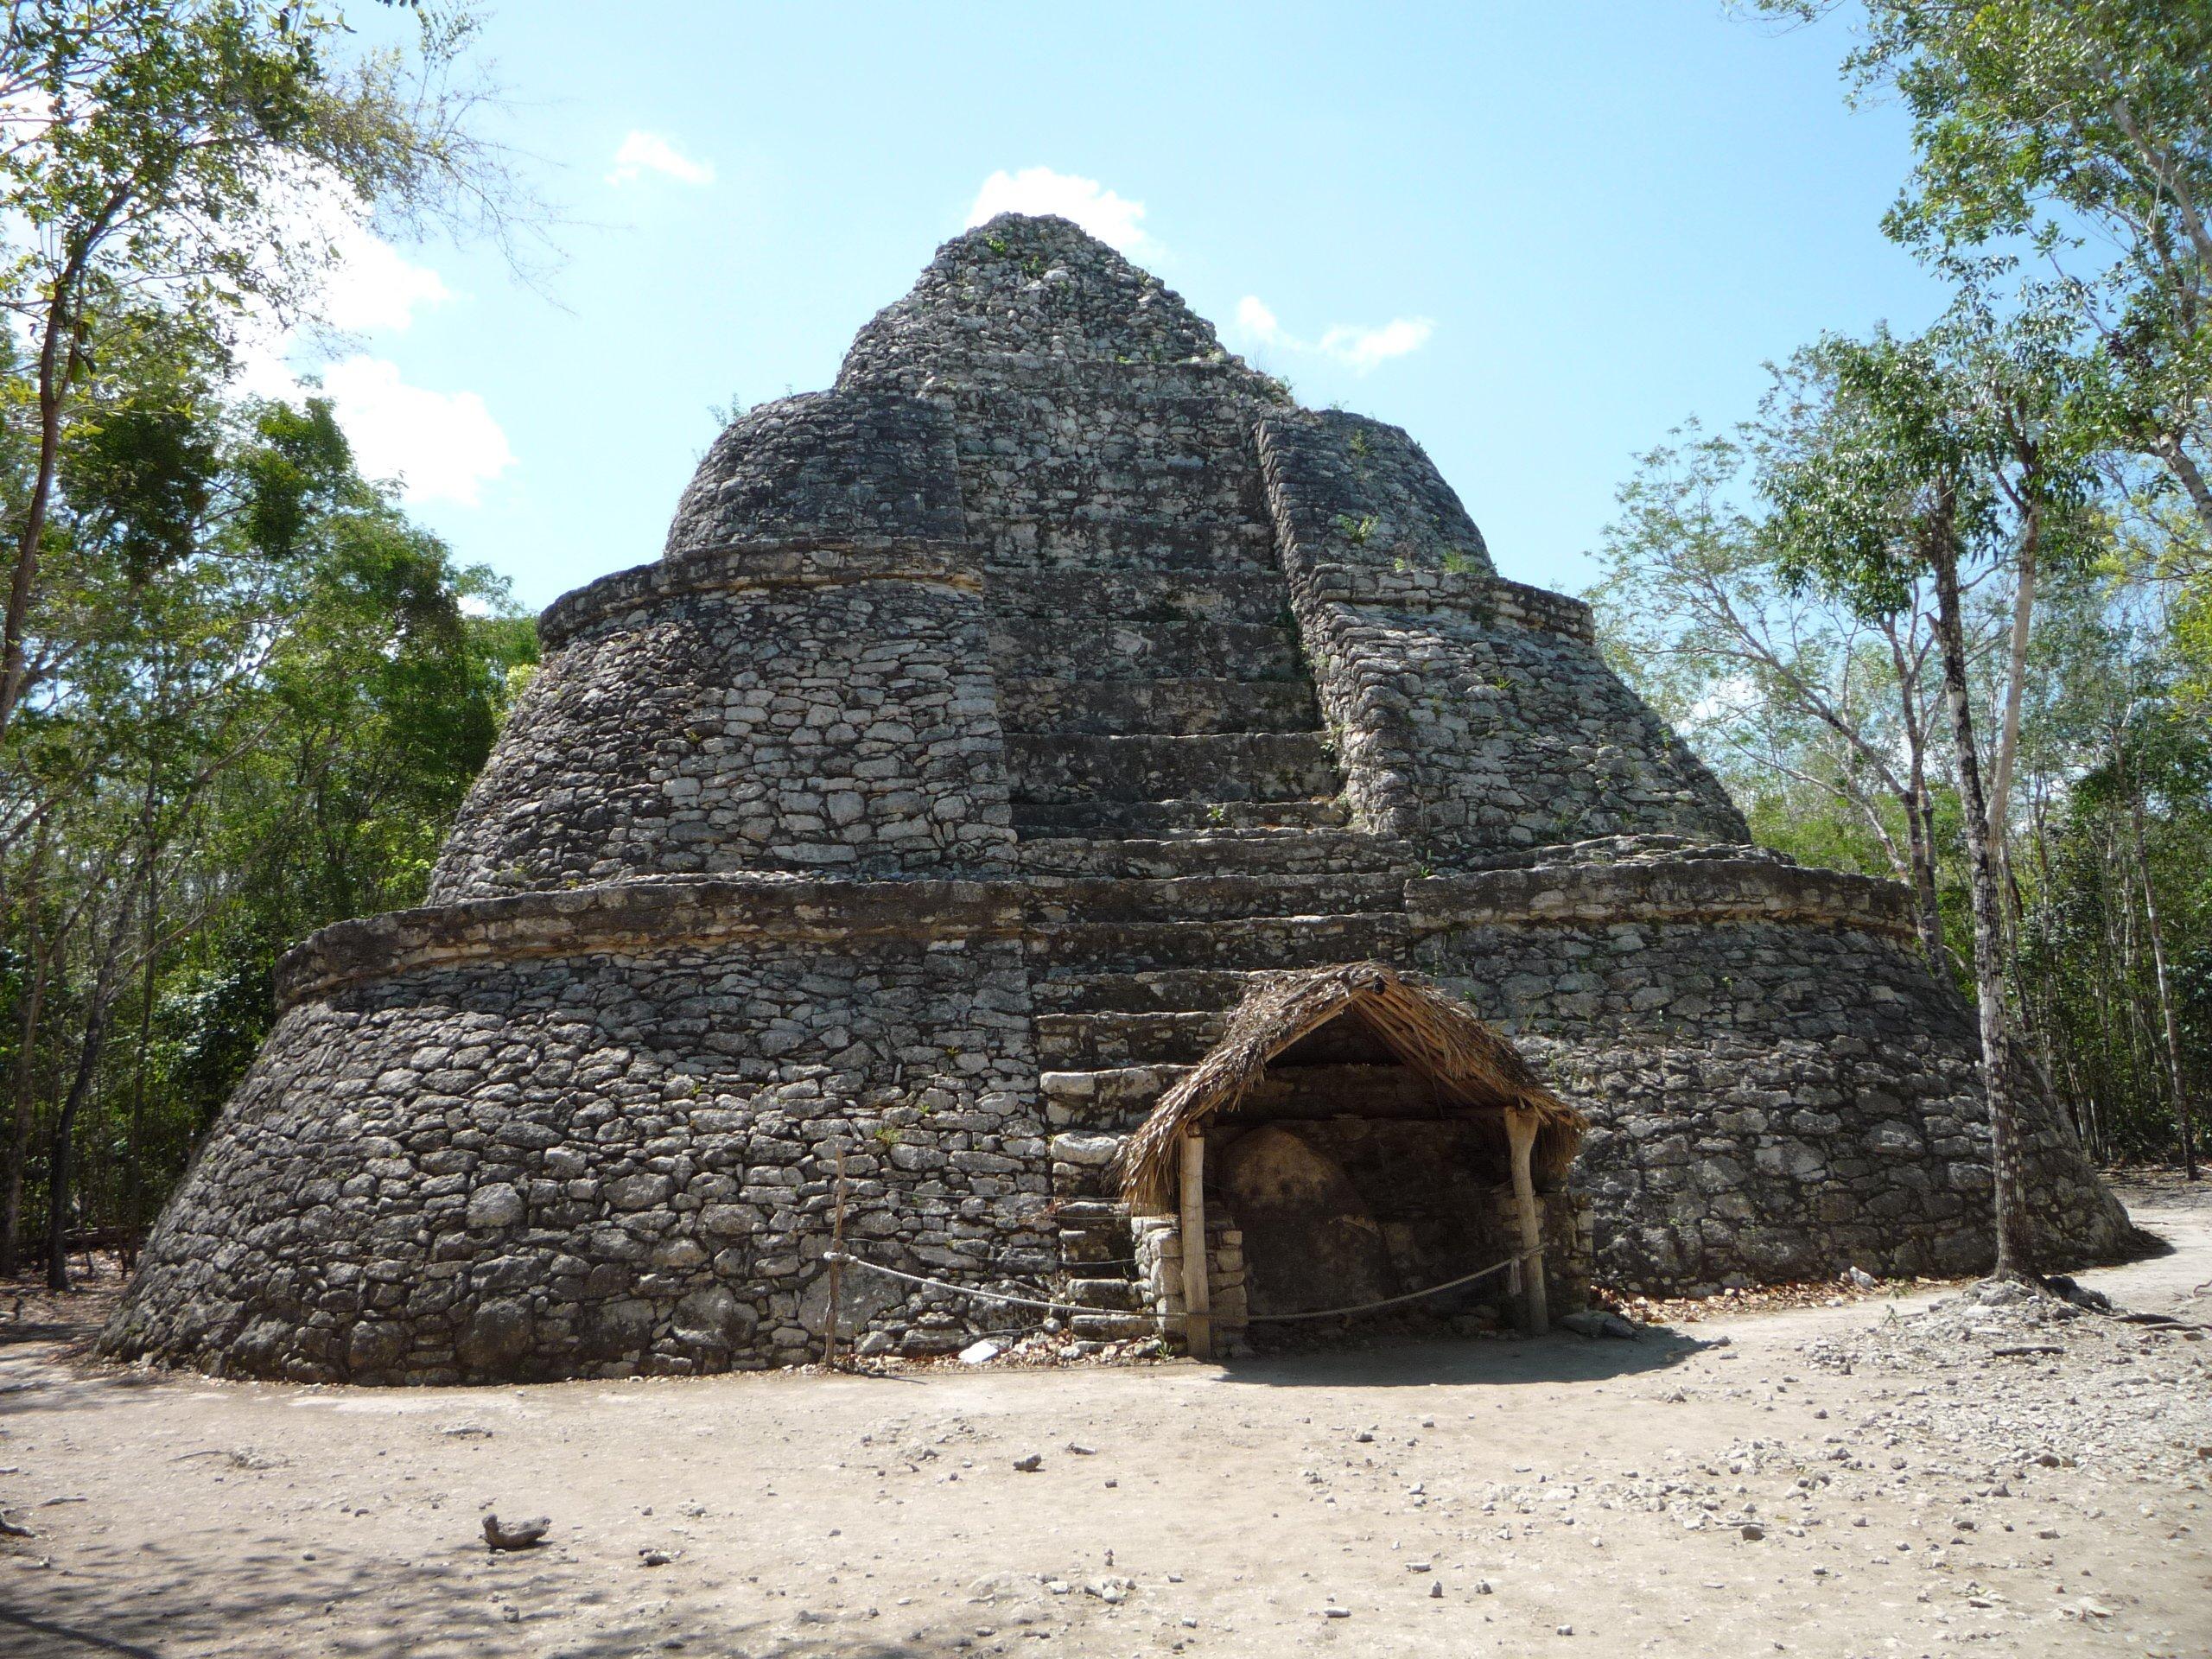 coba rencontre maya